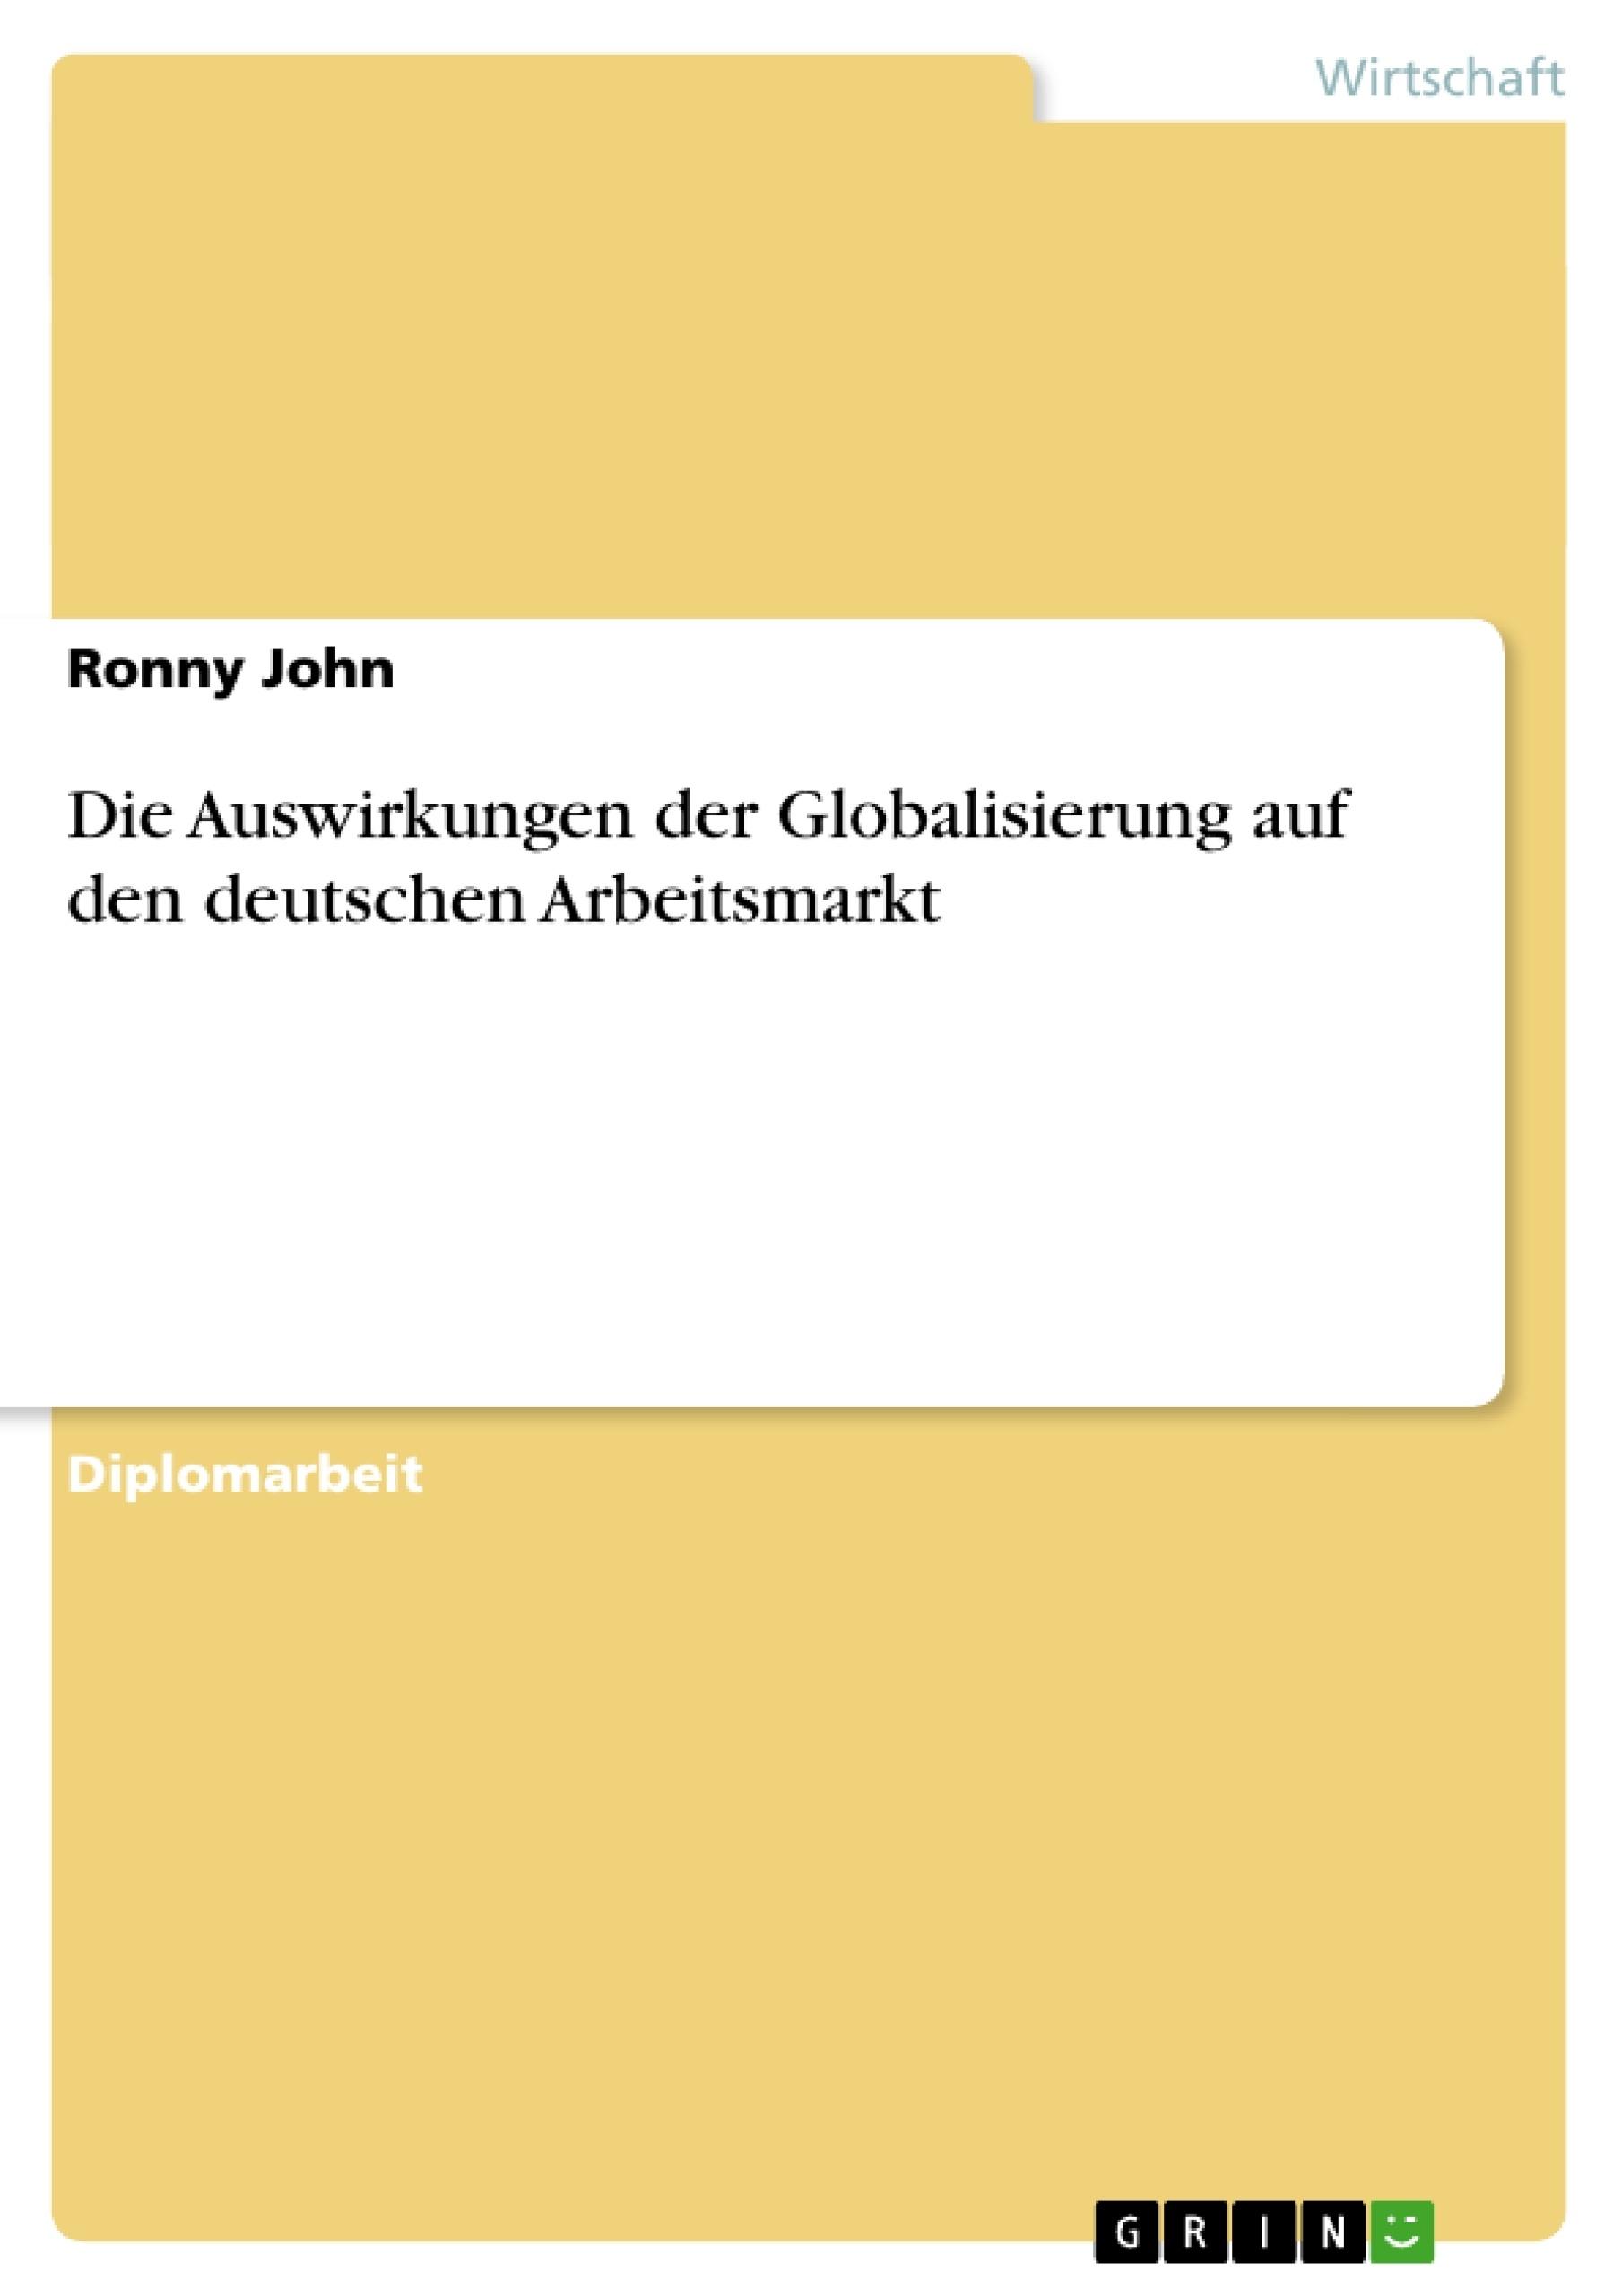 Titel: Die Auswirkungen der Globalisierung auf den deutschen Arbeitsmarkt